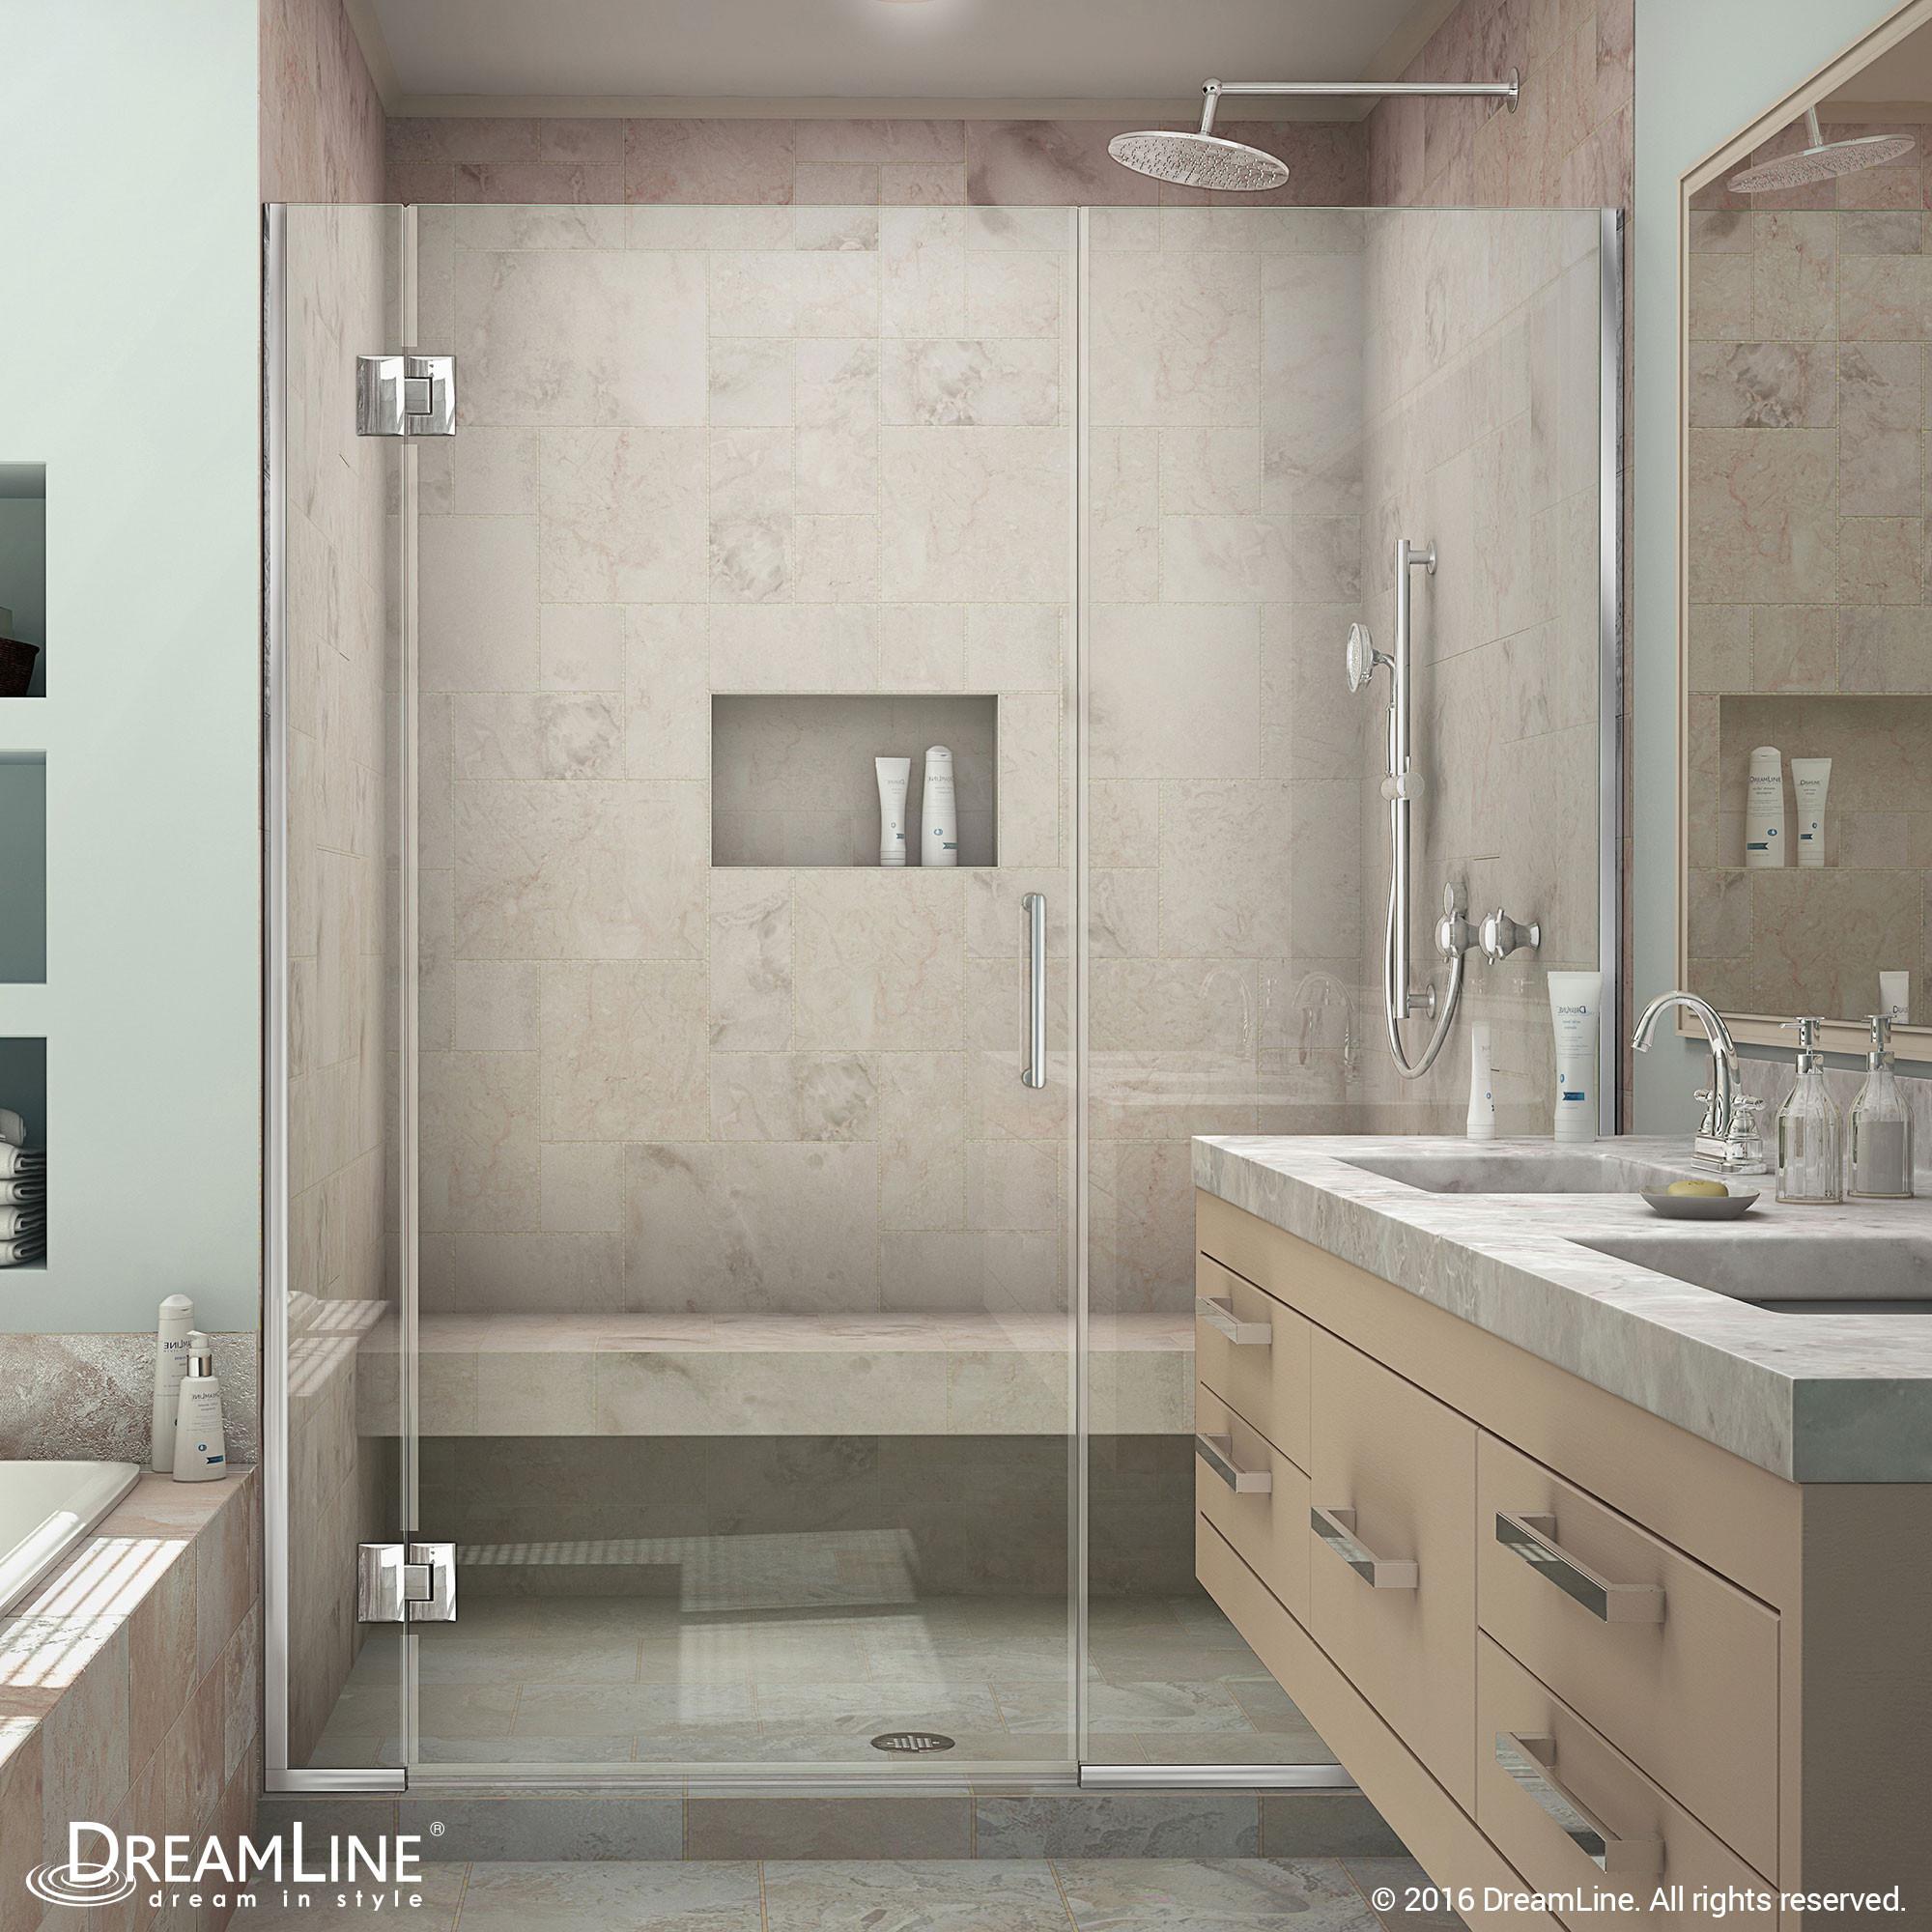 DreamLine D1302272-01 Unidoor-X 58 - 58 1/2 in. W x 72 in. H Hinged Shower Door in Chrome Finish